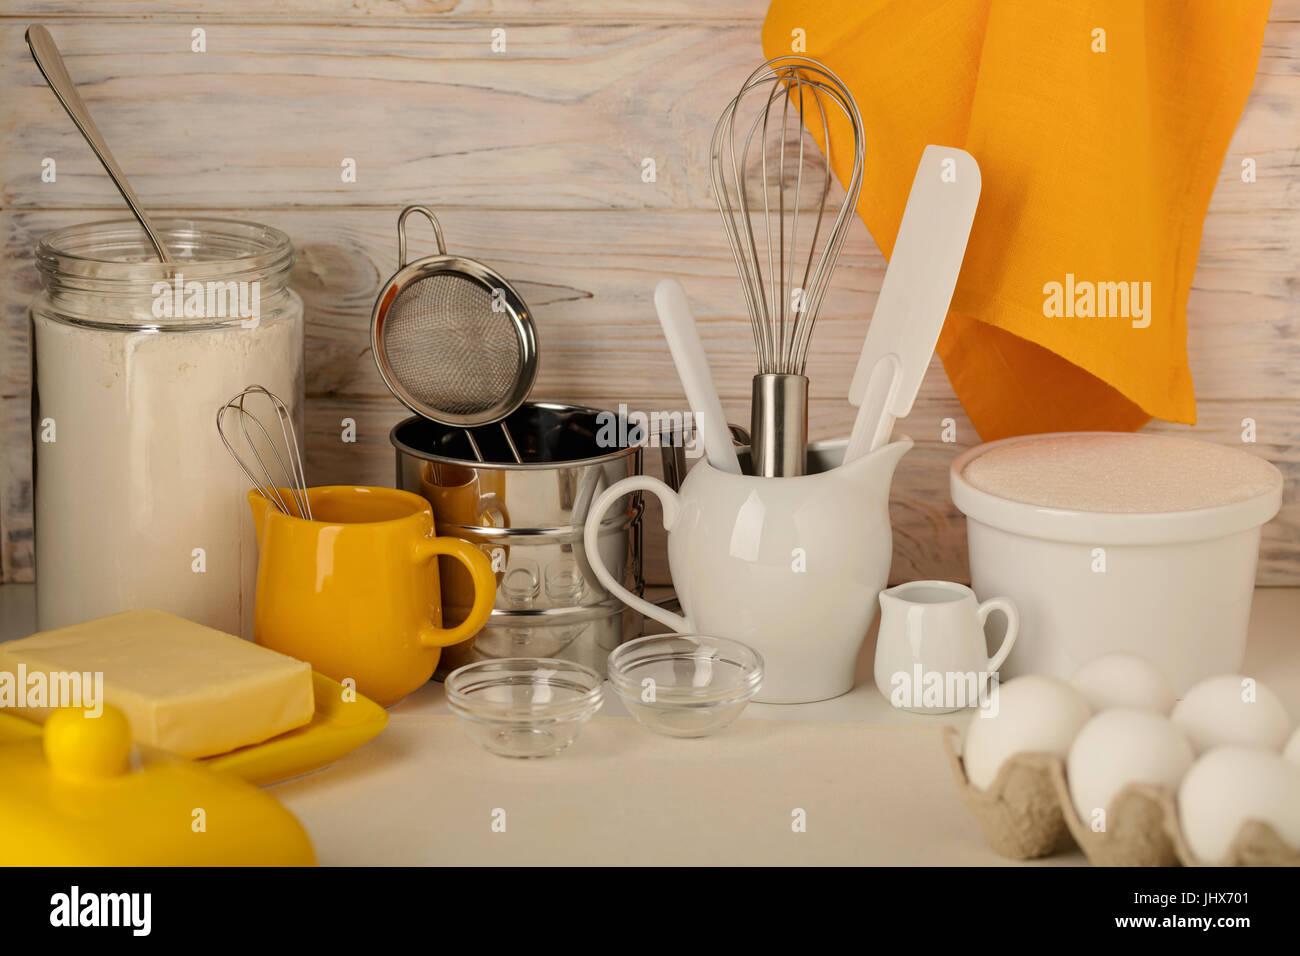 Utensili da cucina, attrezzi e prodotti per torte fatte in casa su ...